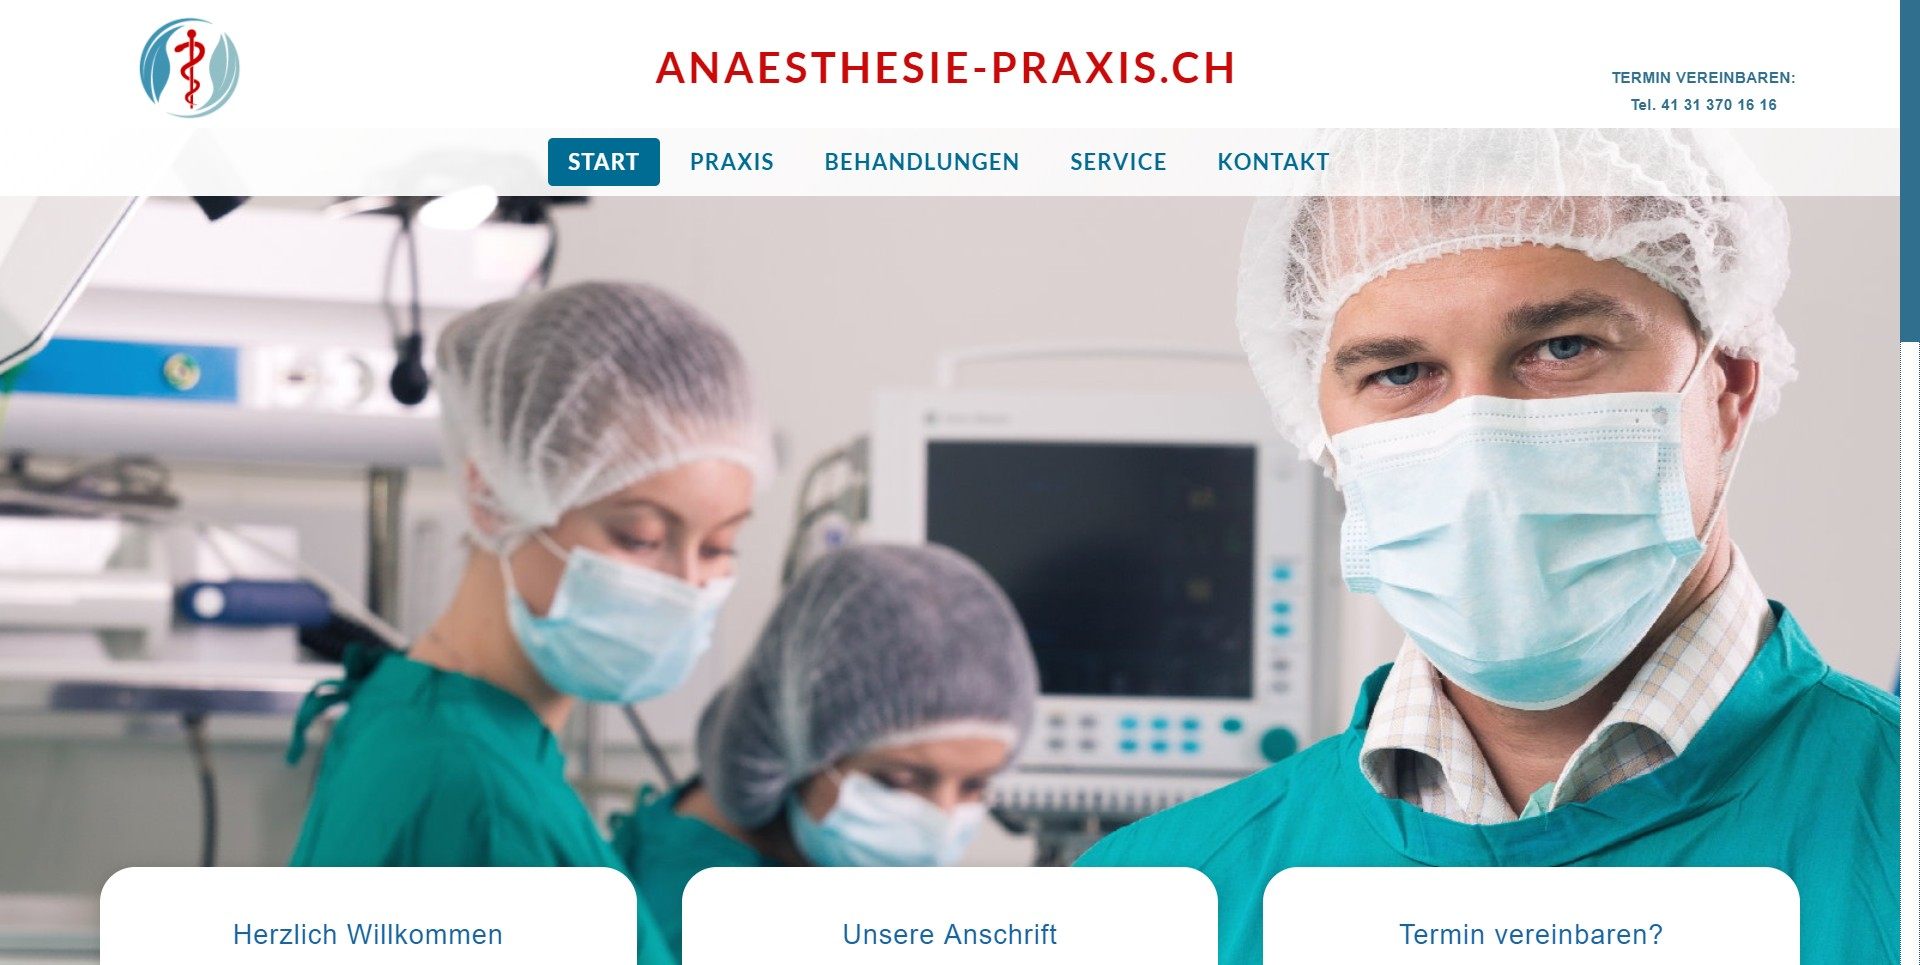 Anaesthesie-Praxis.ch